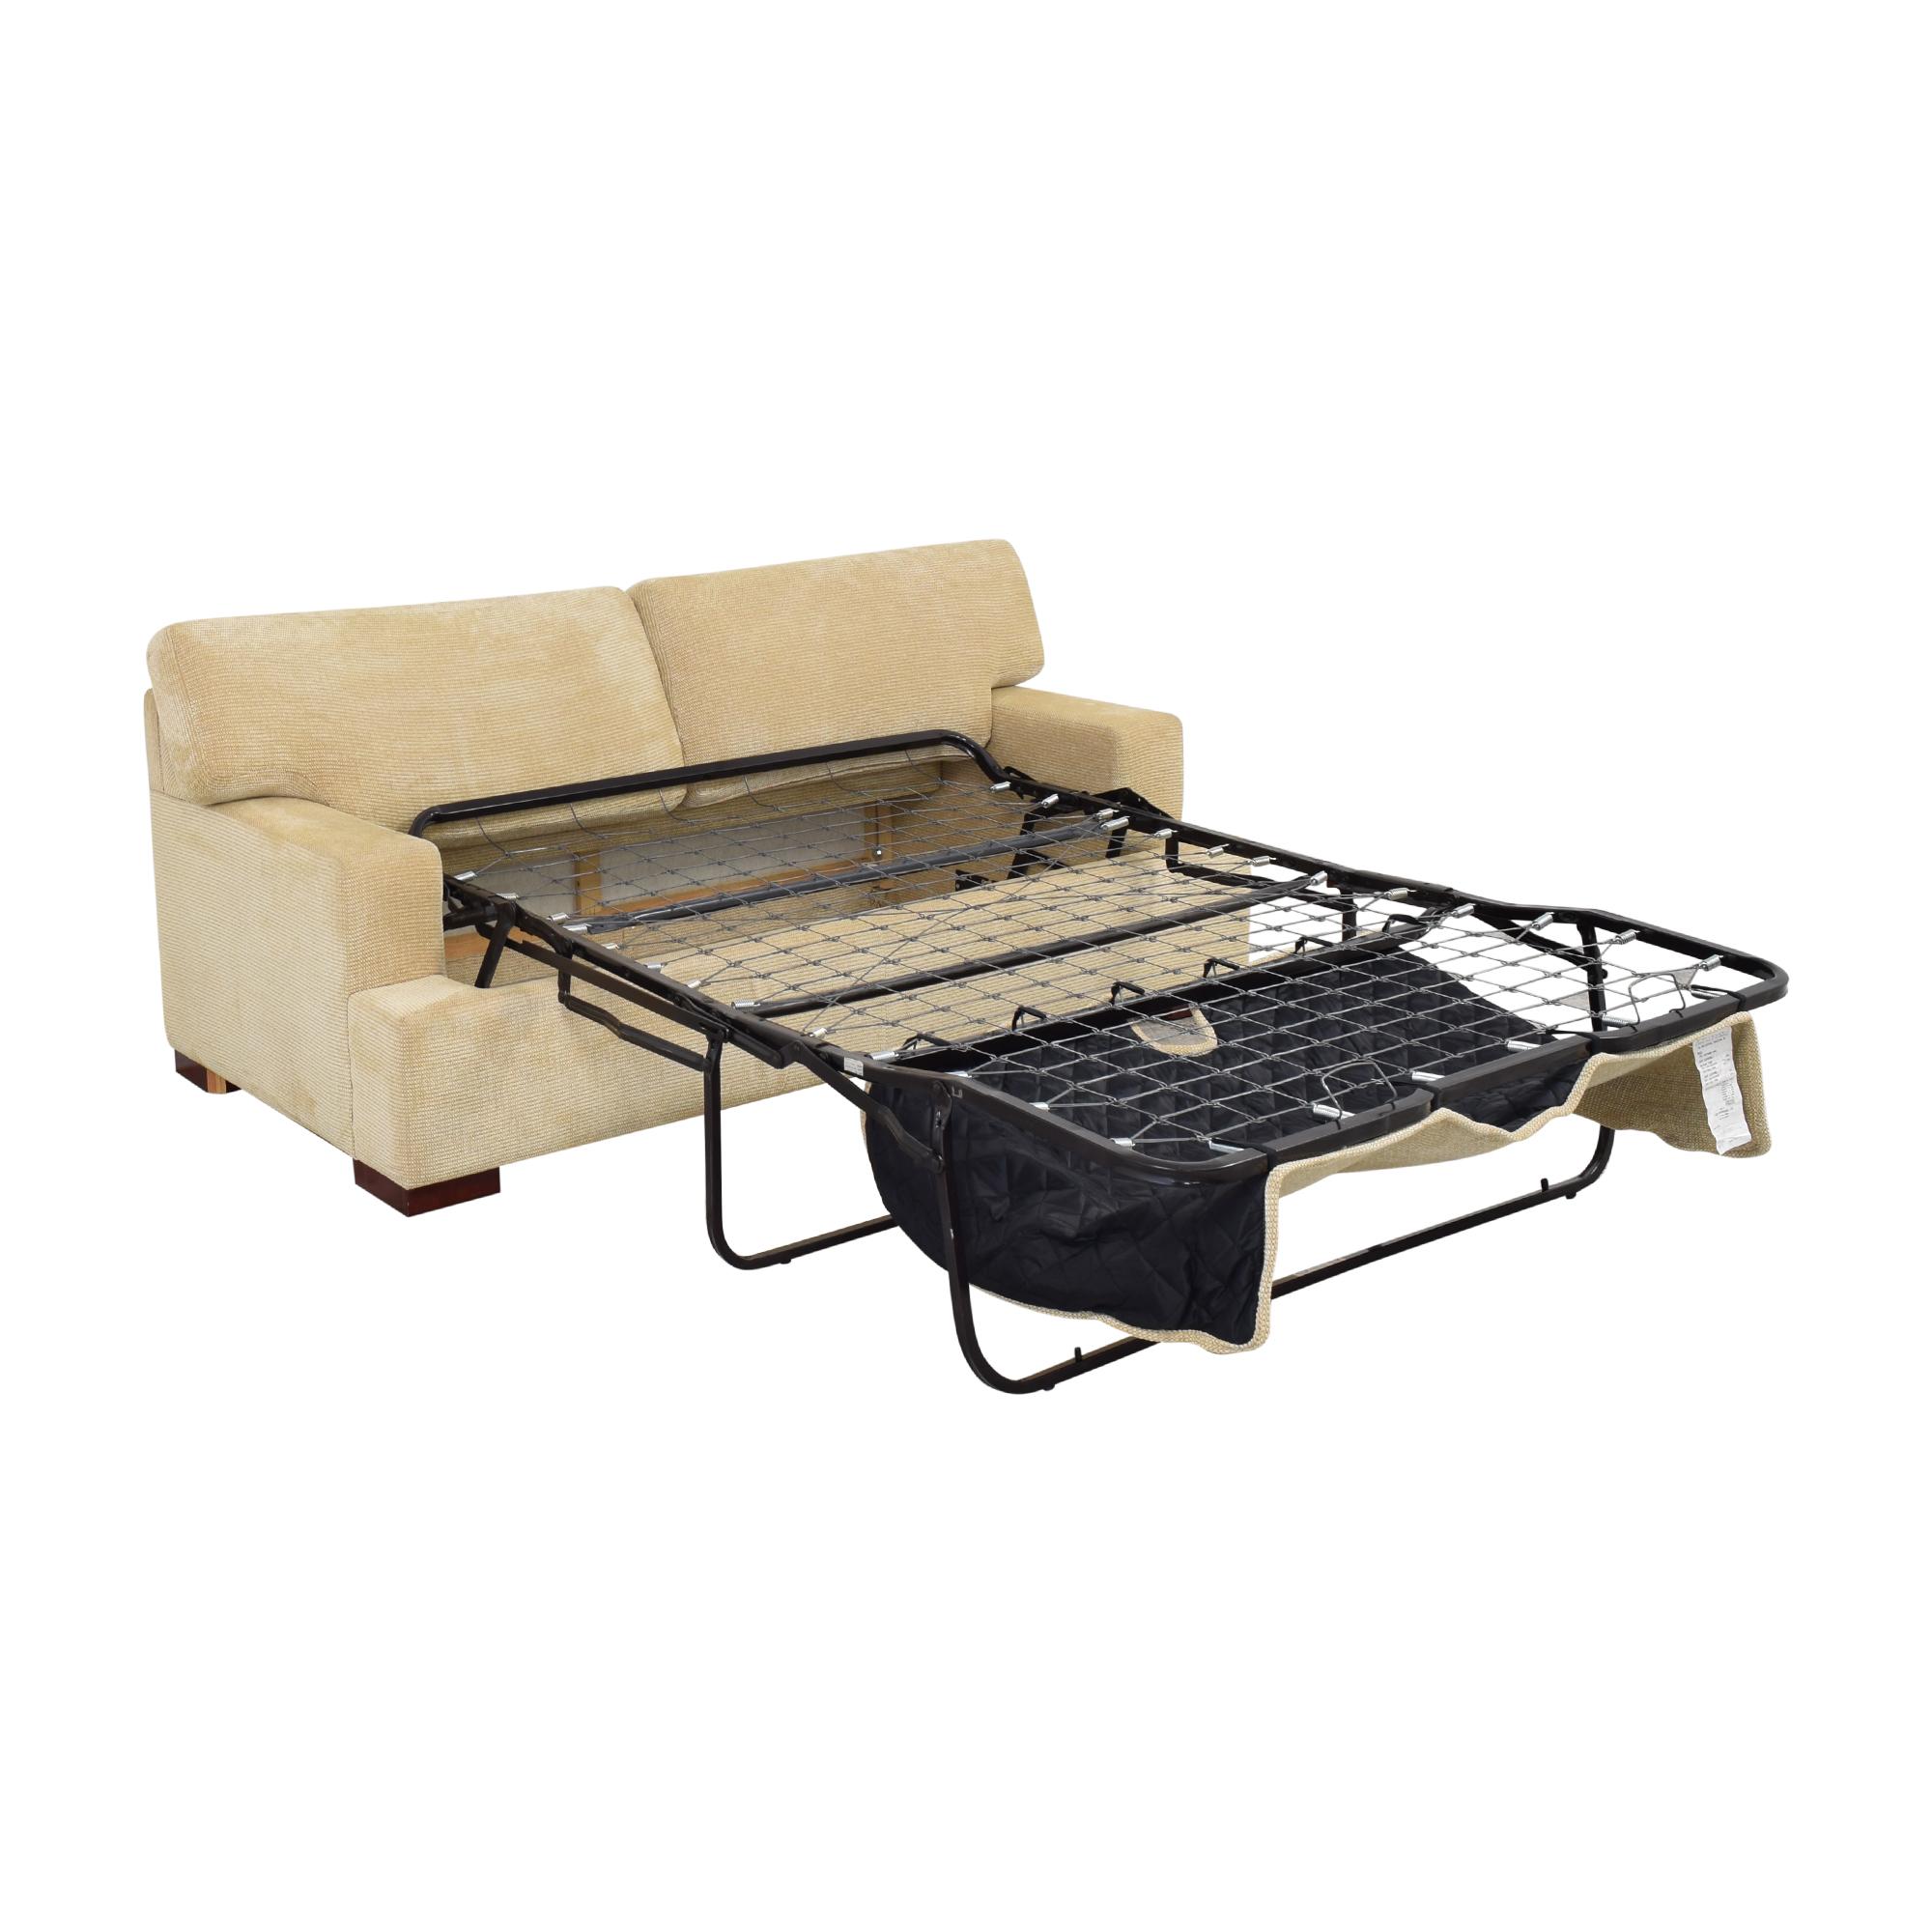 Avery Boardman Avery Boardman Sleeper Sofa used